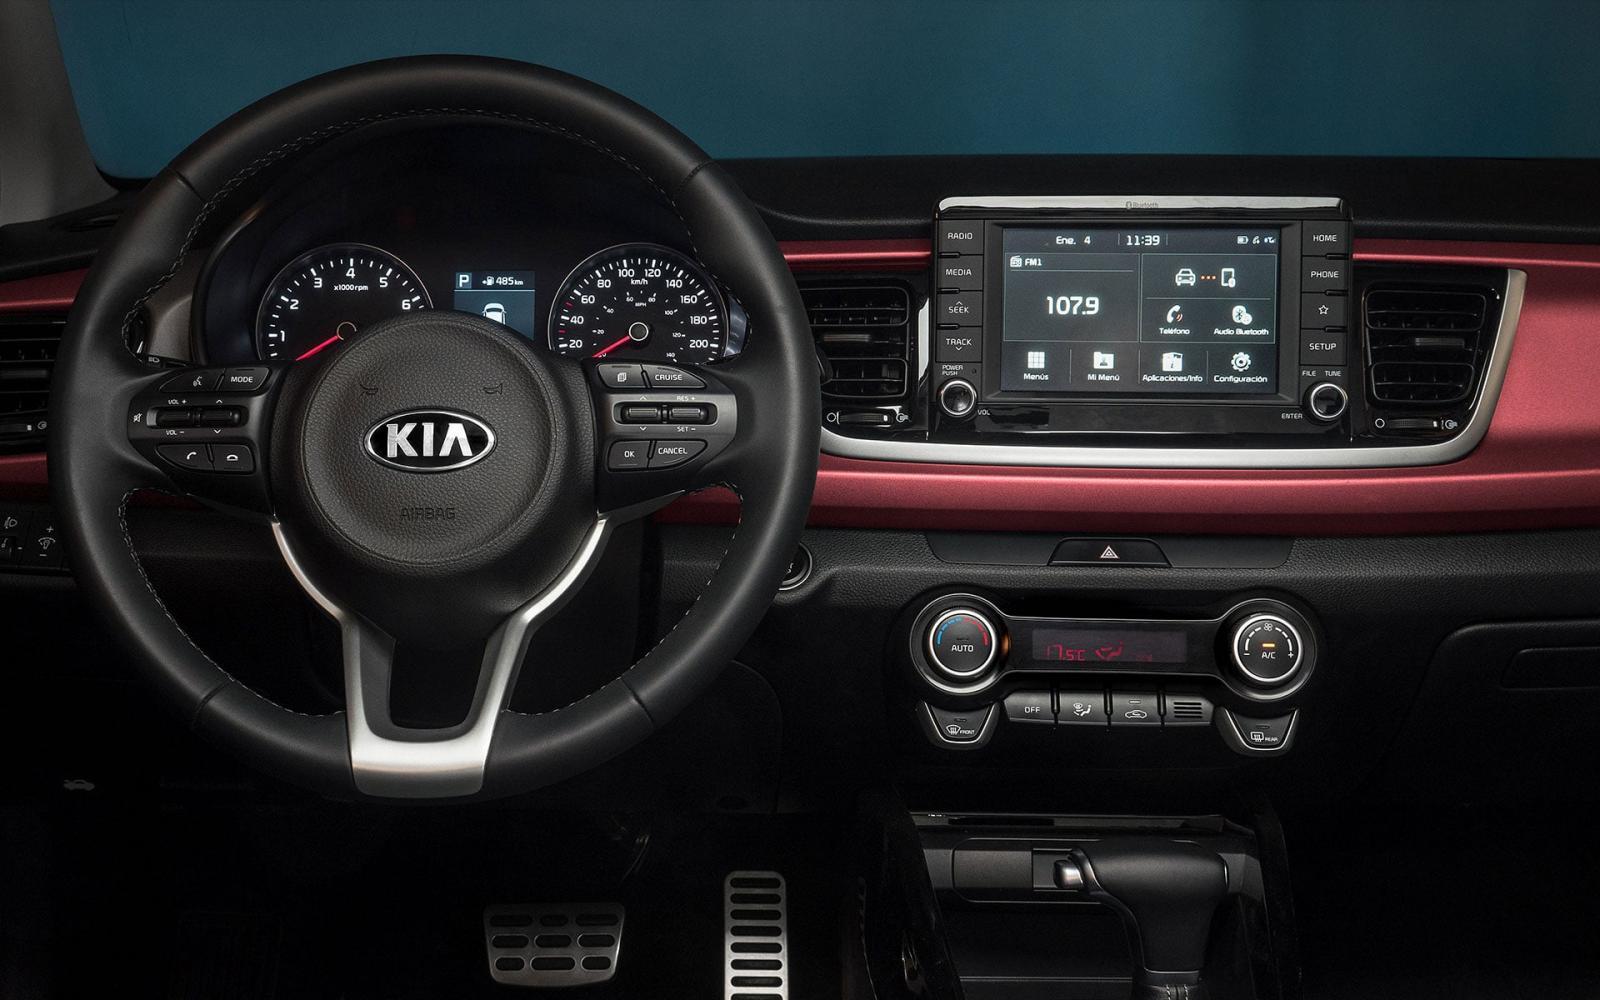 La tecnología del Kia Rio 2020 precio en México garantiza viajes entretenidos